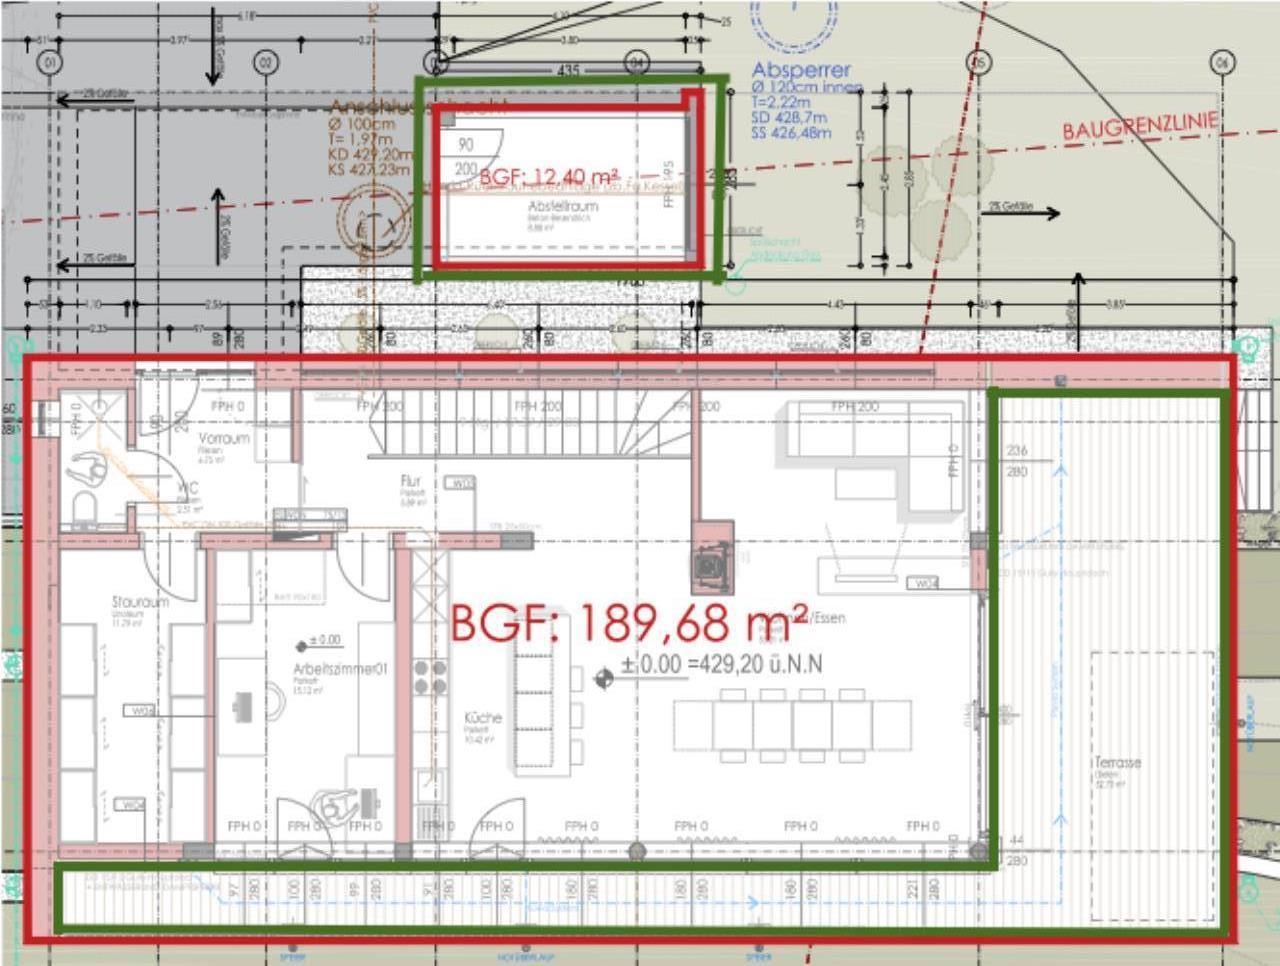 Bauabgabe Steiermark Baurechtforum Auf Energiesparhaus At